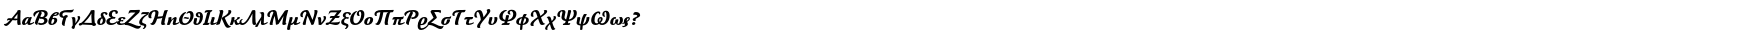 TartineScriptPro-Bld.otf